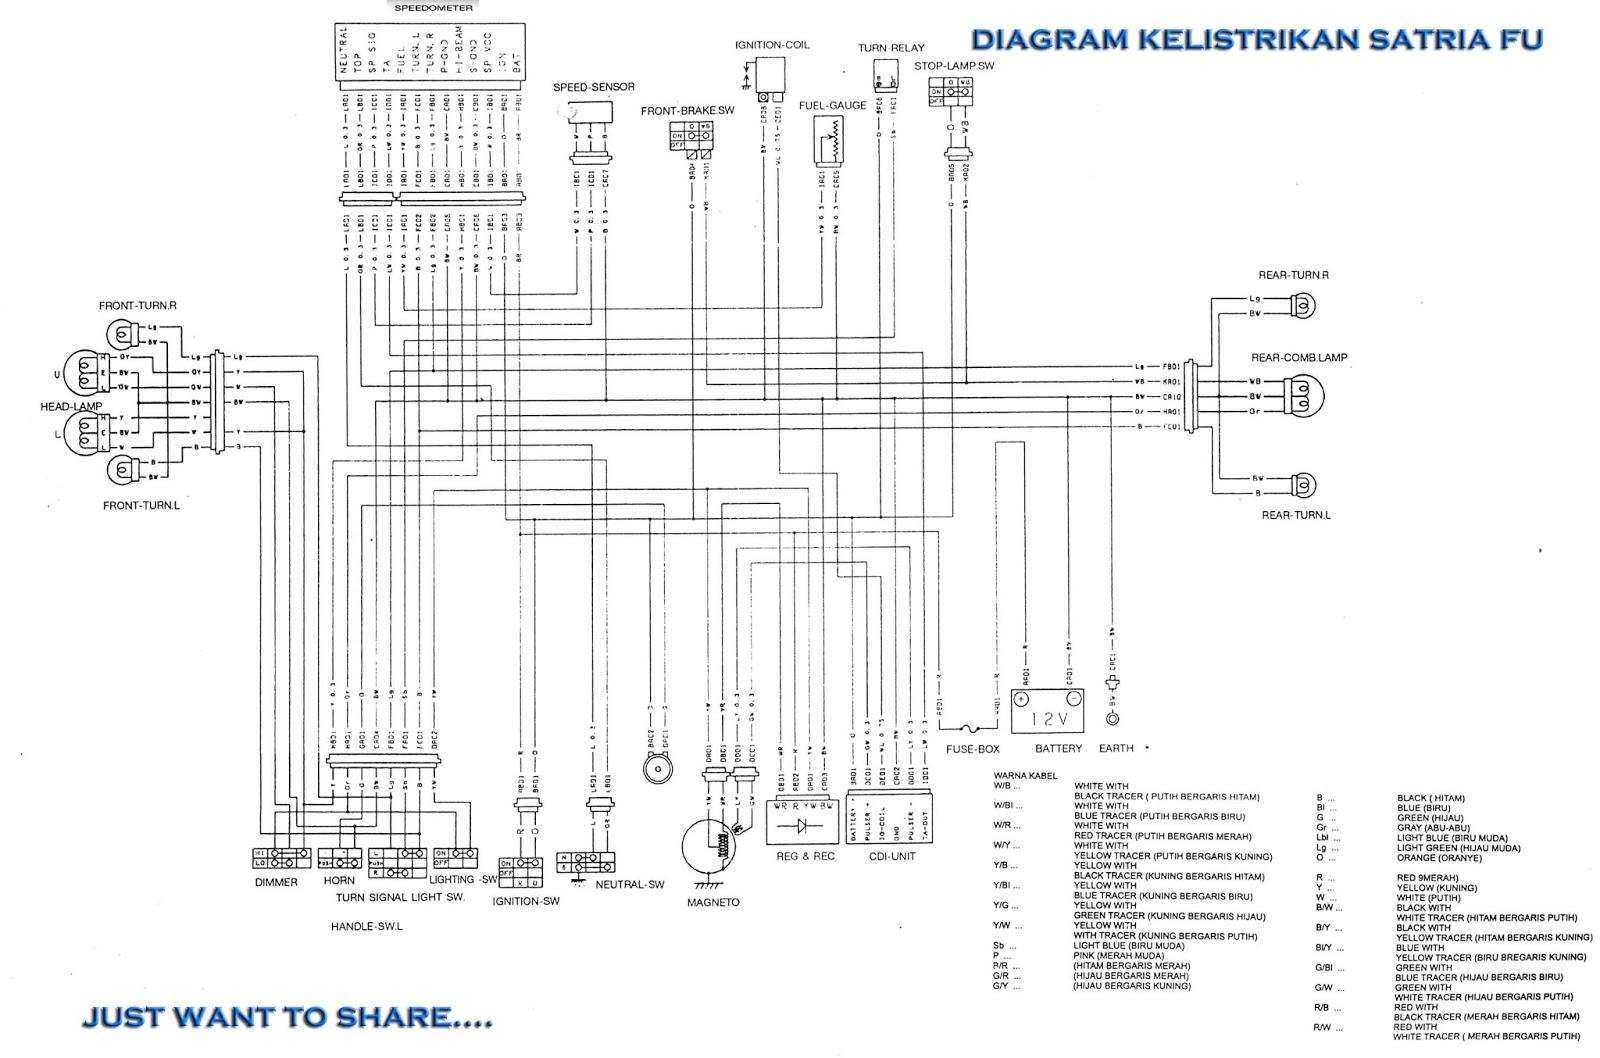 Diagram Kelistrikan Suzuki Satria Fu